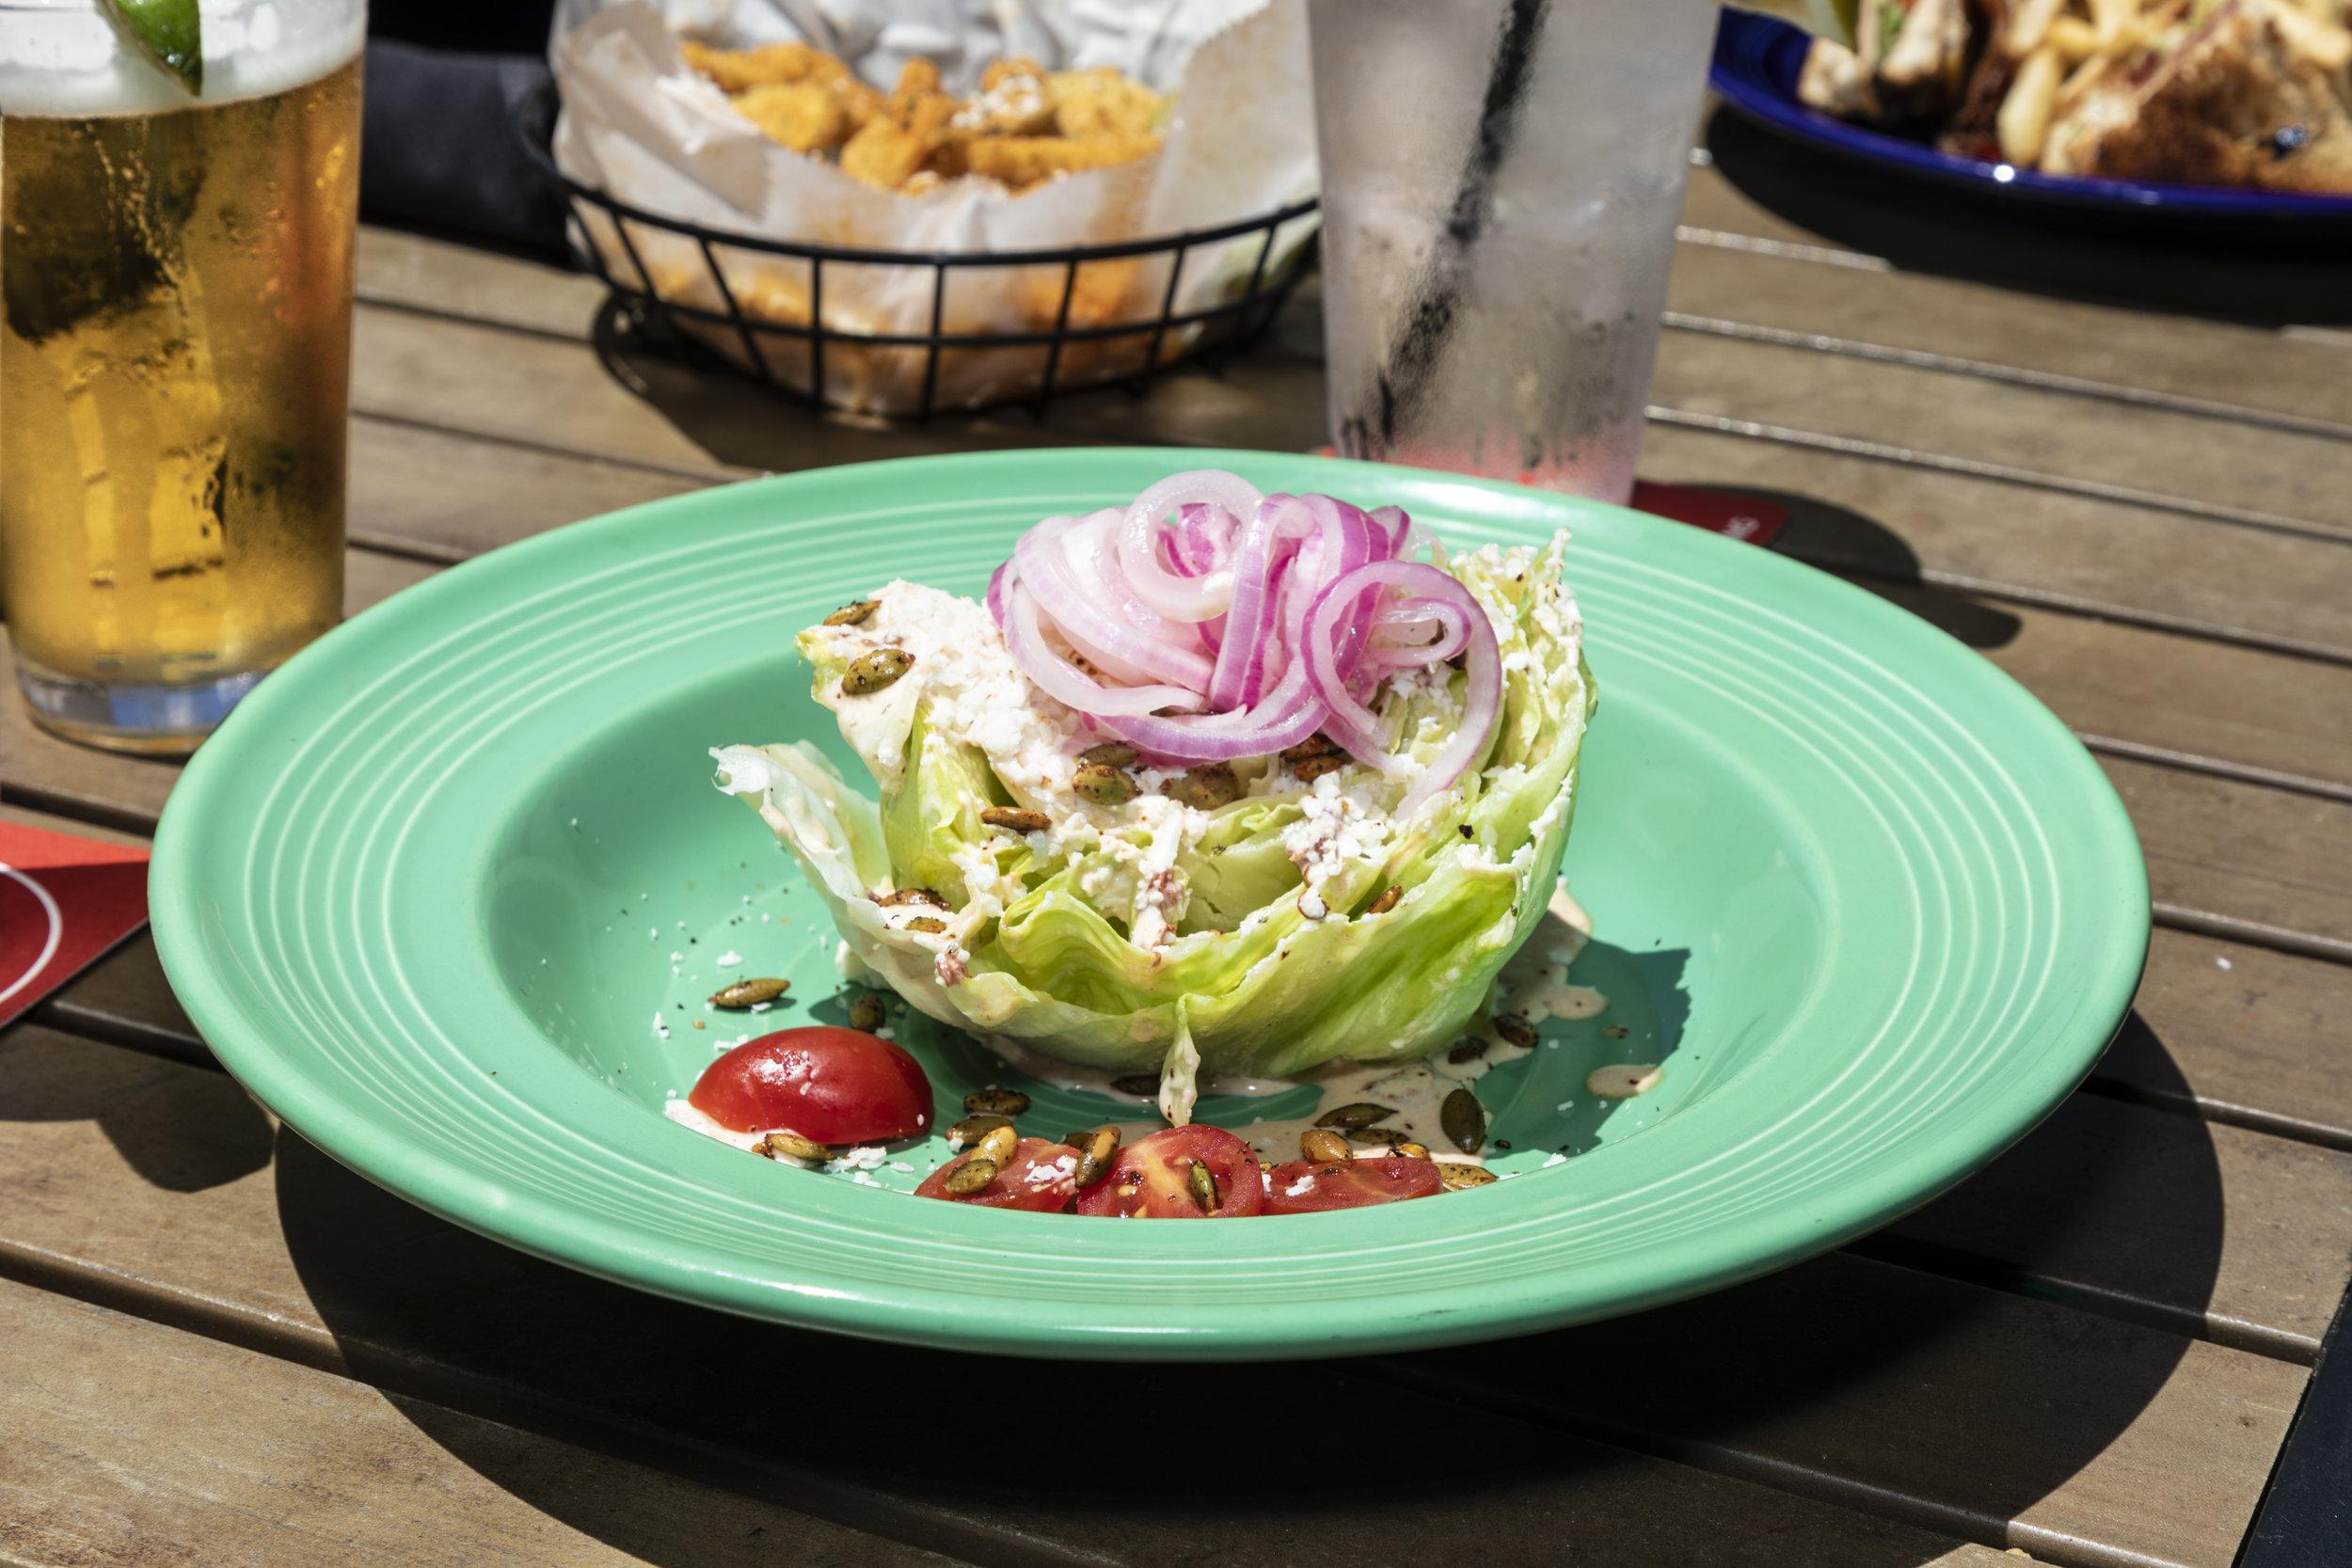 180522_AuntChiladas_Food_017.jpg